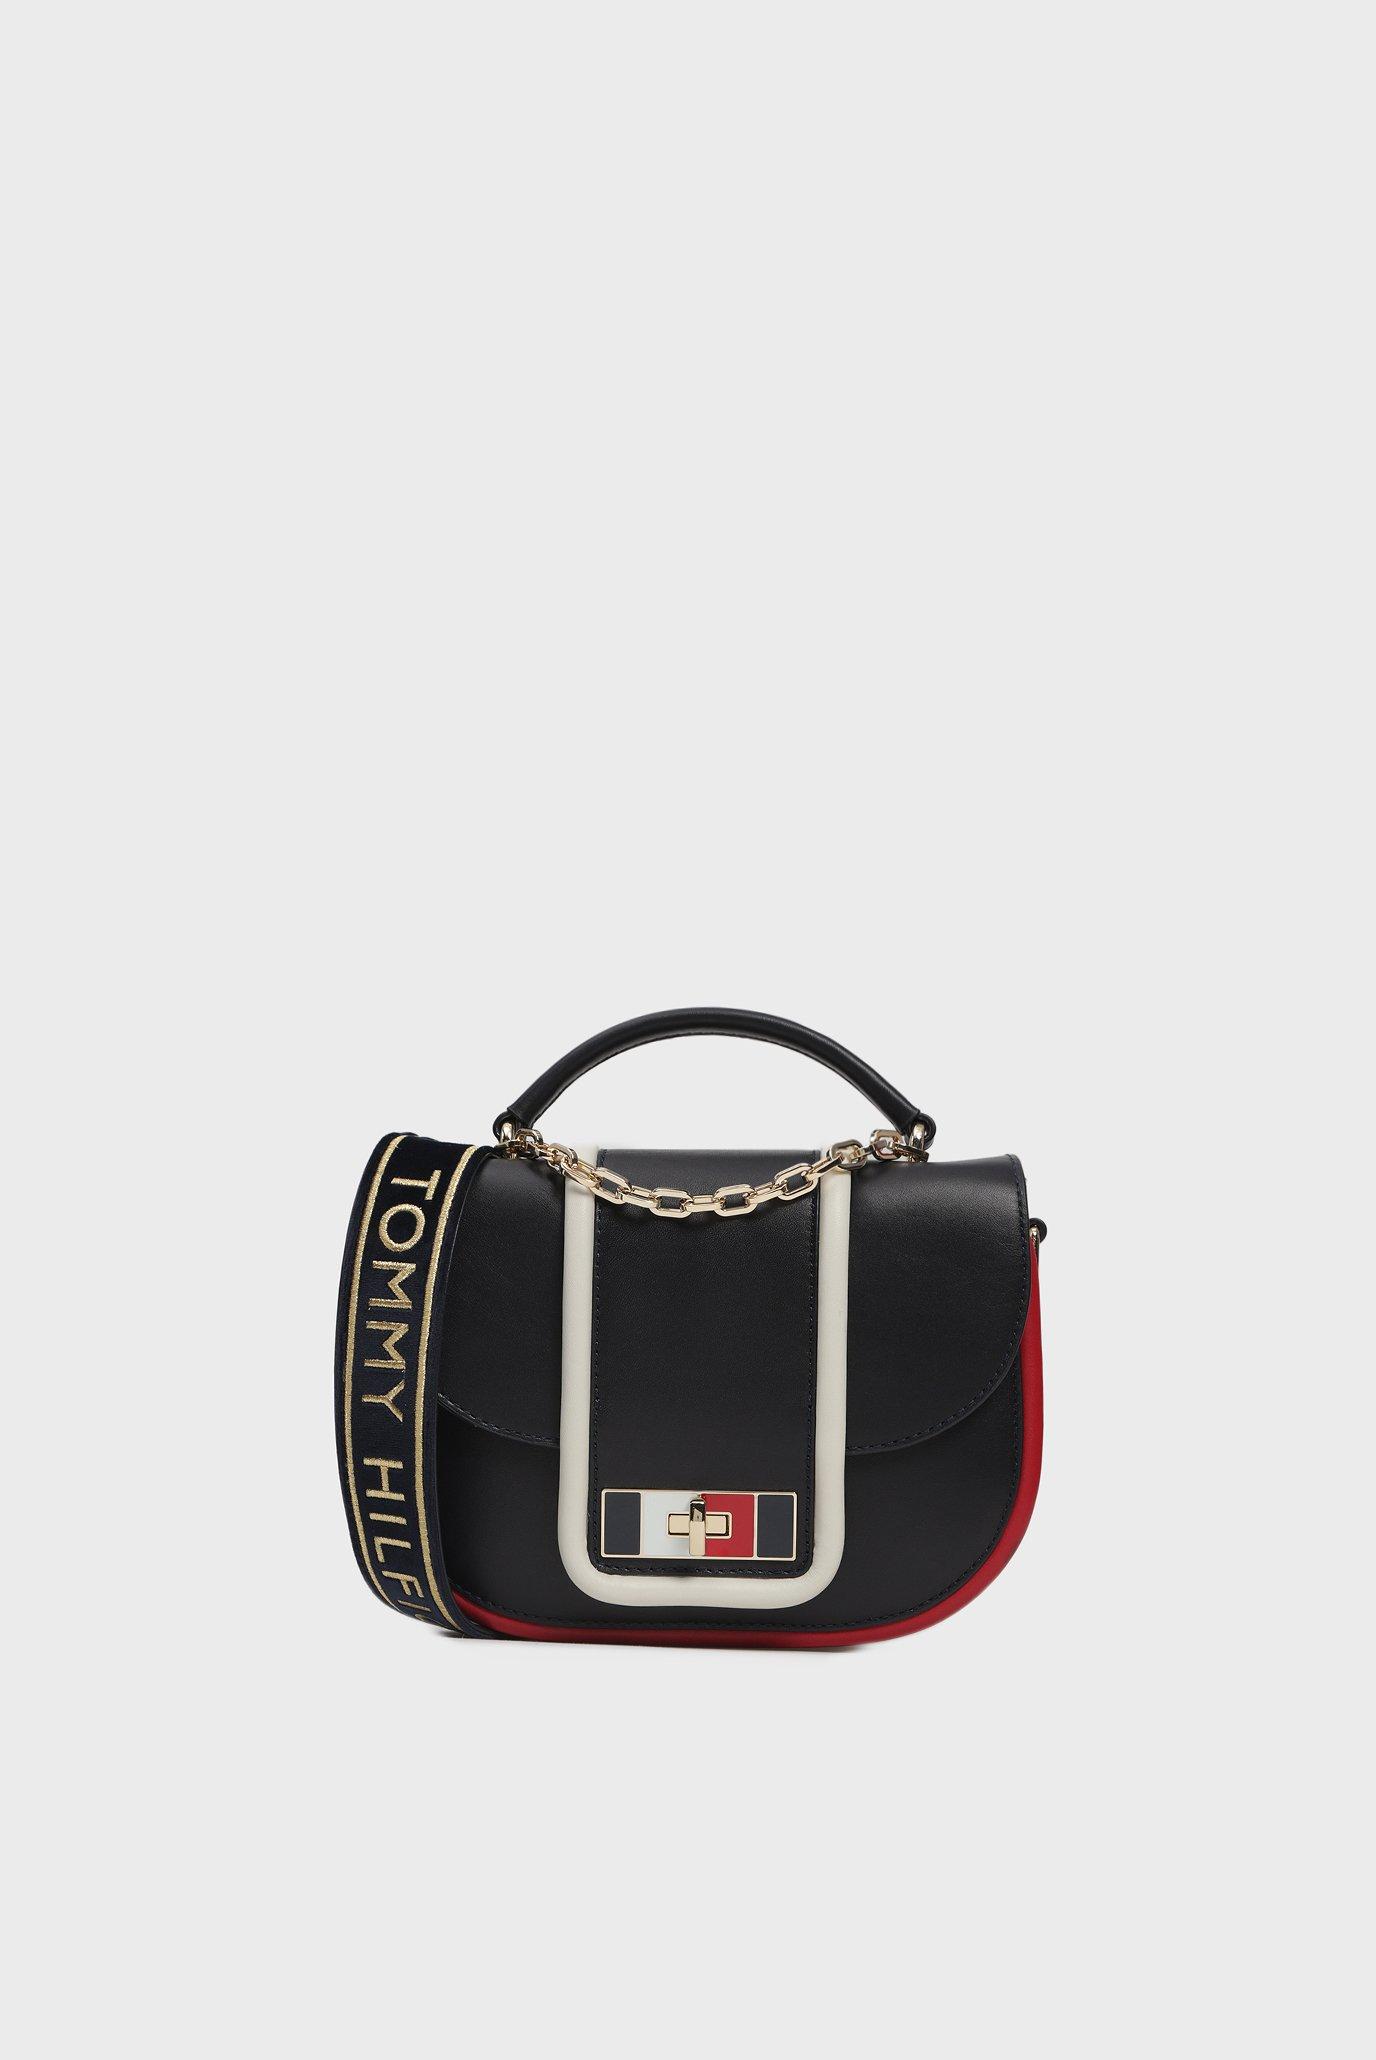 0a0d6e1d527a Купить Женская темно-синяя кожаная сумка через плечо FANCY Tommy Hilfiger  Tommy Hilfiger AW0AW06119 – Киев, ...